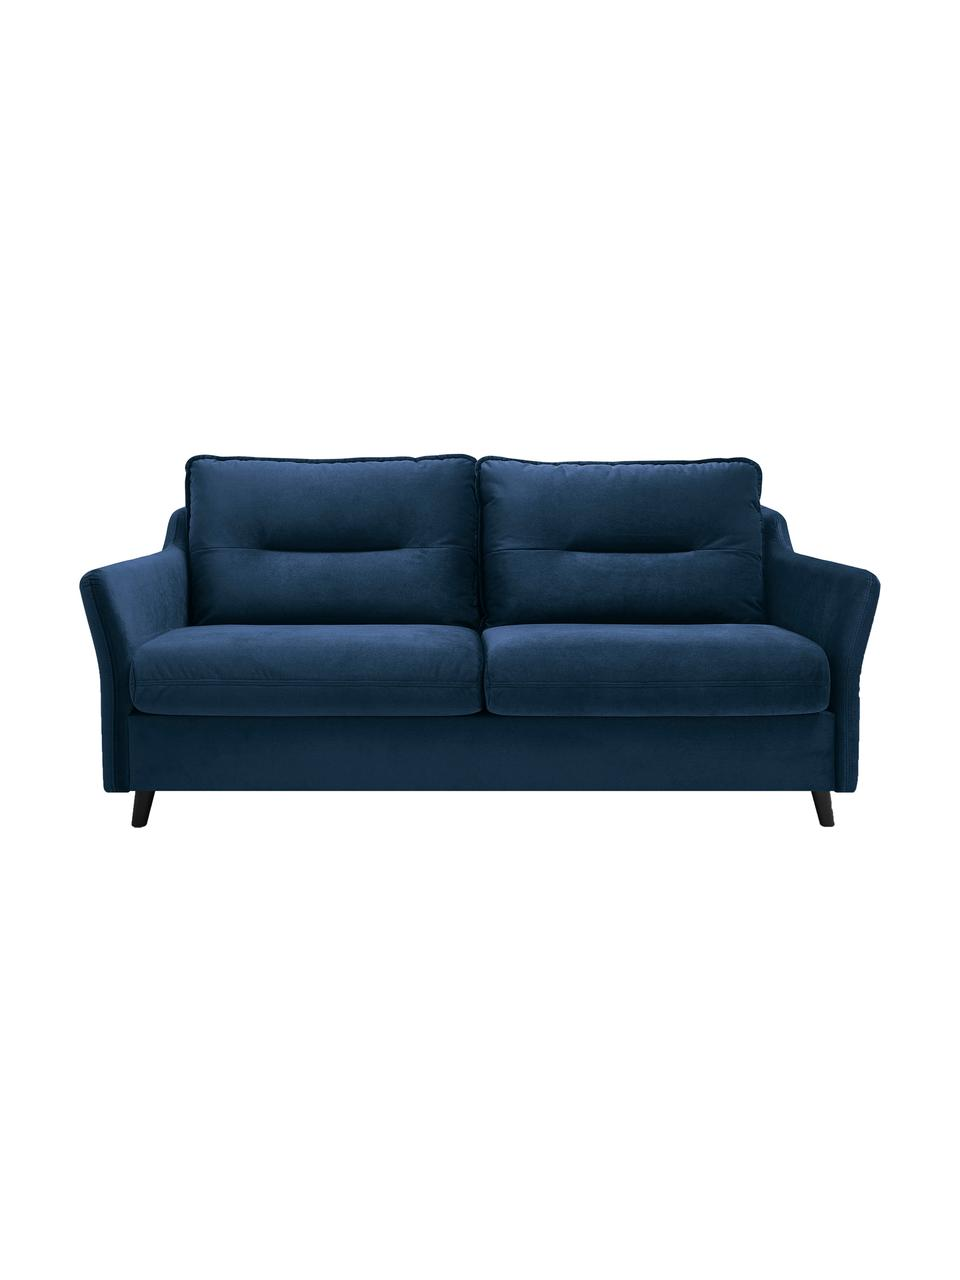 Sofa rozkładana z aksamitu Loft (3-osobowa), Tapicerka: 100% aksamit poliestrowy, Nogi: metal lakierowany, Granatowy, S 191 x G 100 cm